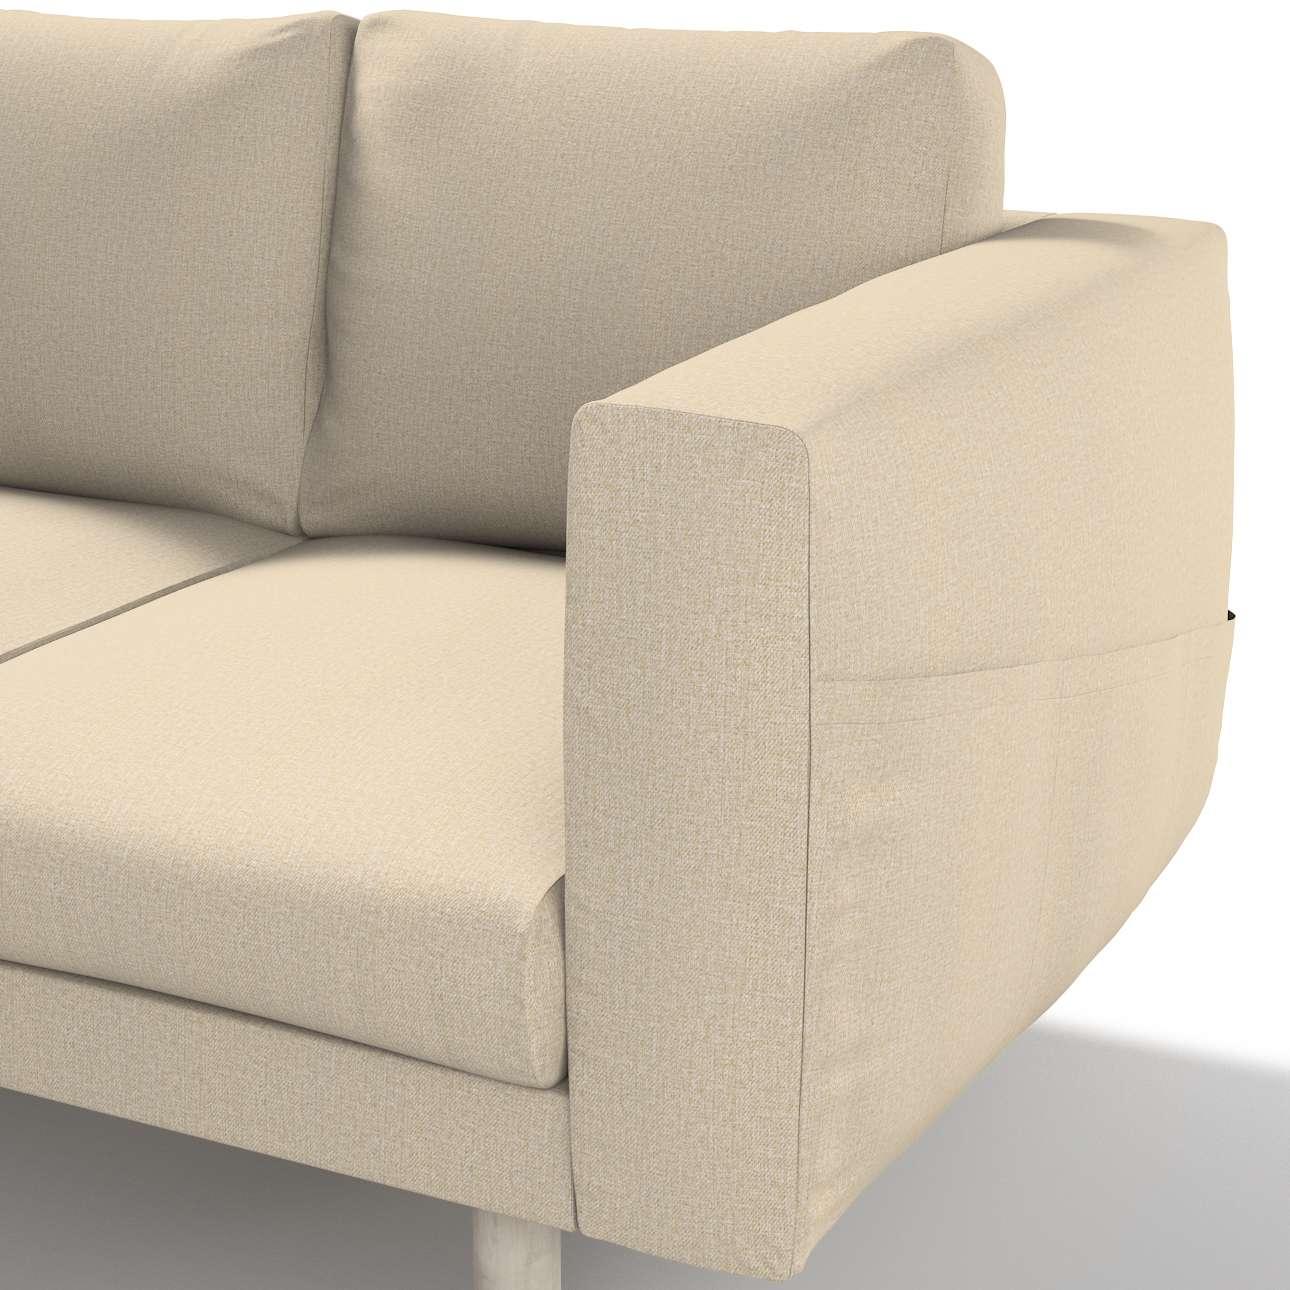 Pokrowiec na sofę Norsborg 3-osobową w kolekcji Edinburgh, tkanina: 115-78